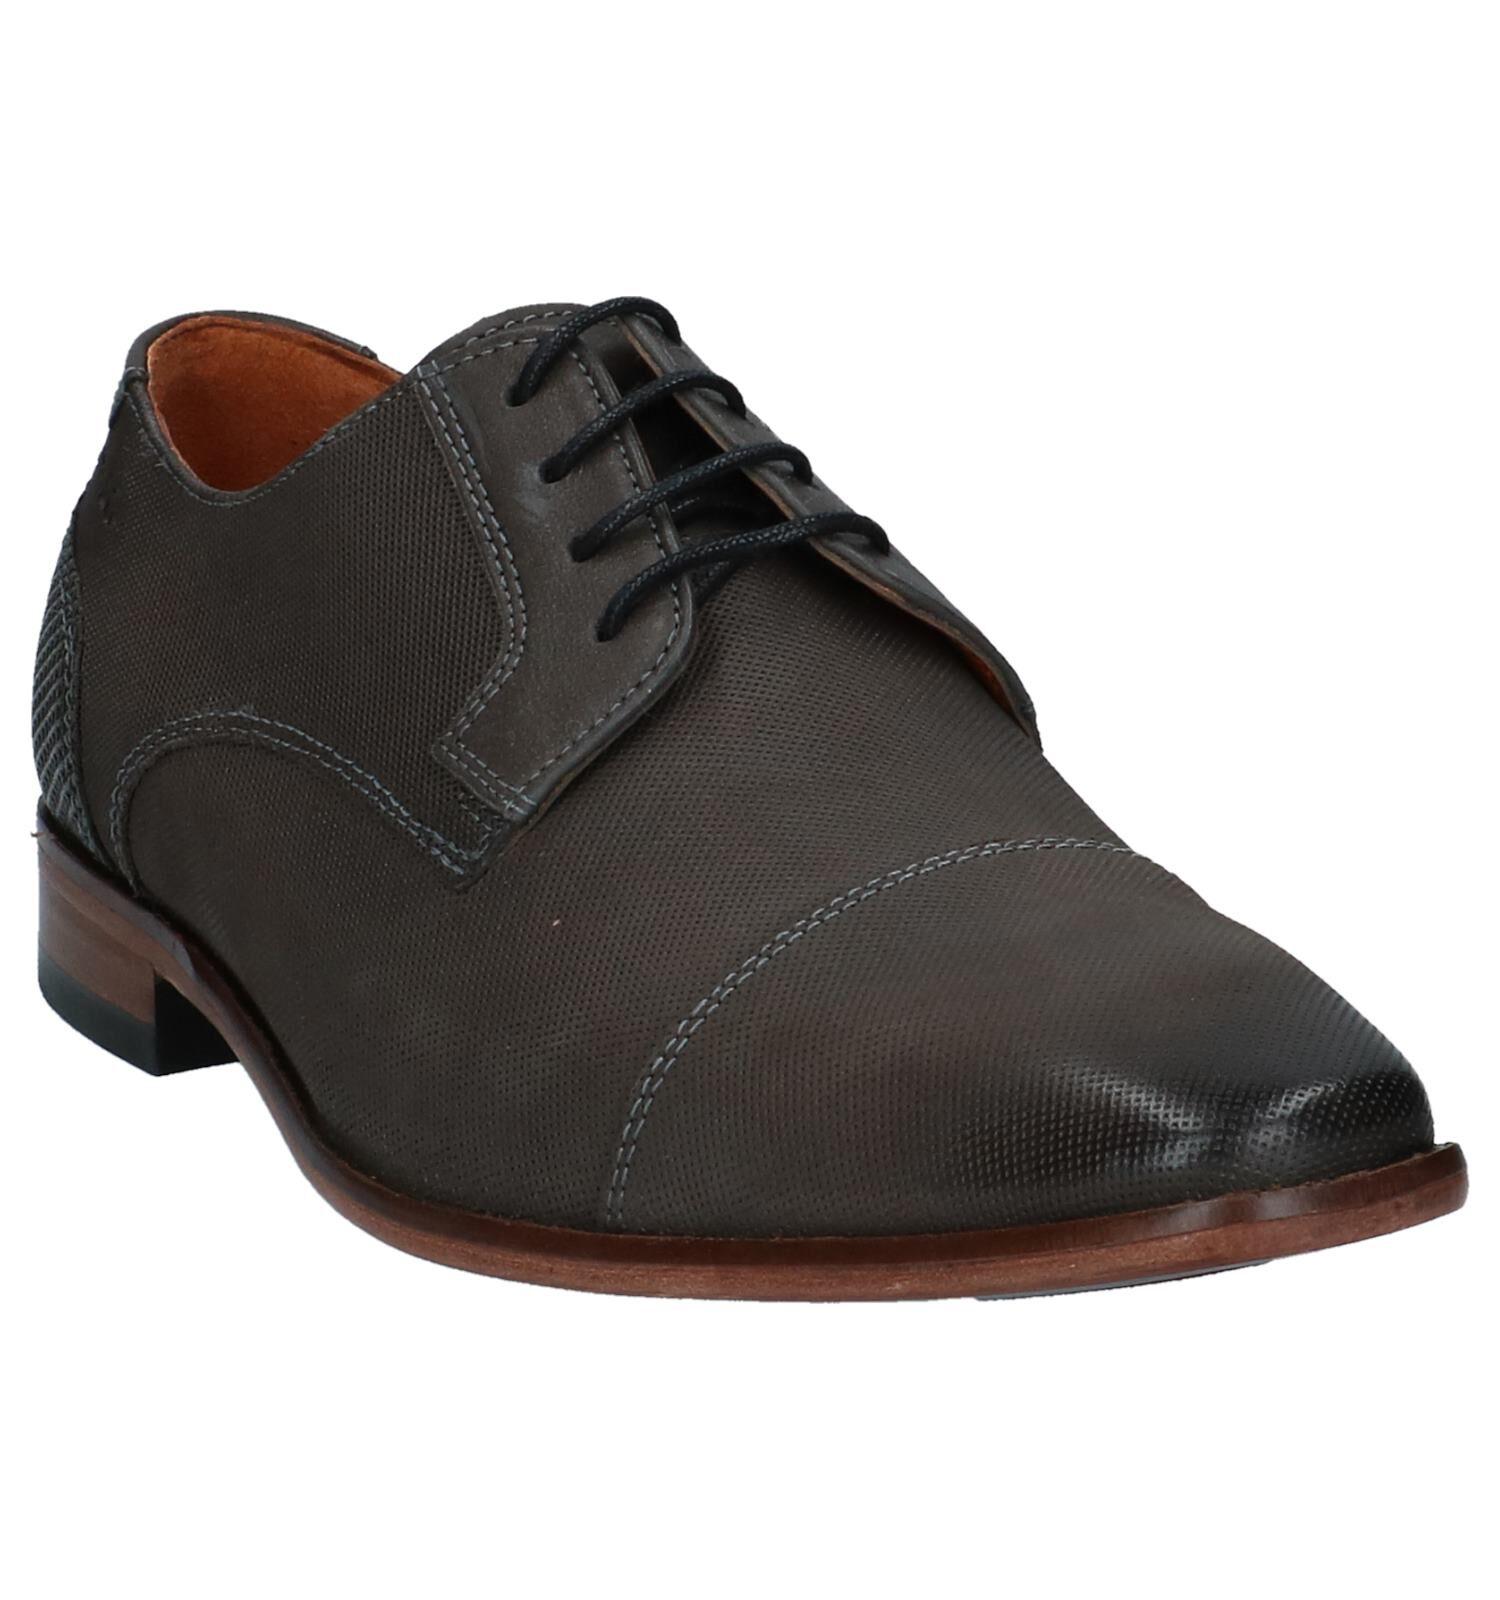 Habillées Livraison Et gris Lier Van Chaussures Torfs be UwRxAq